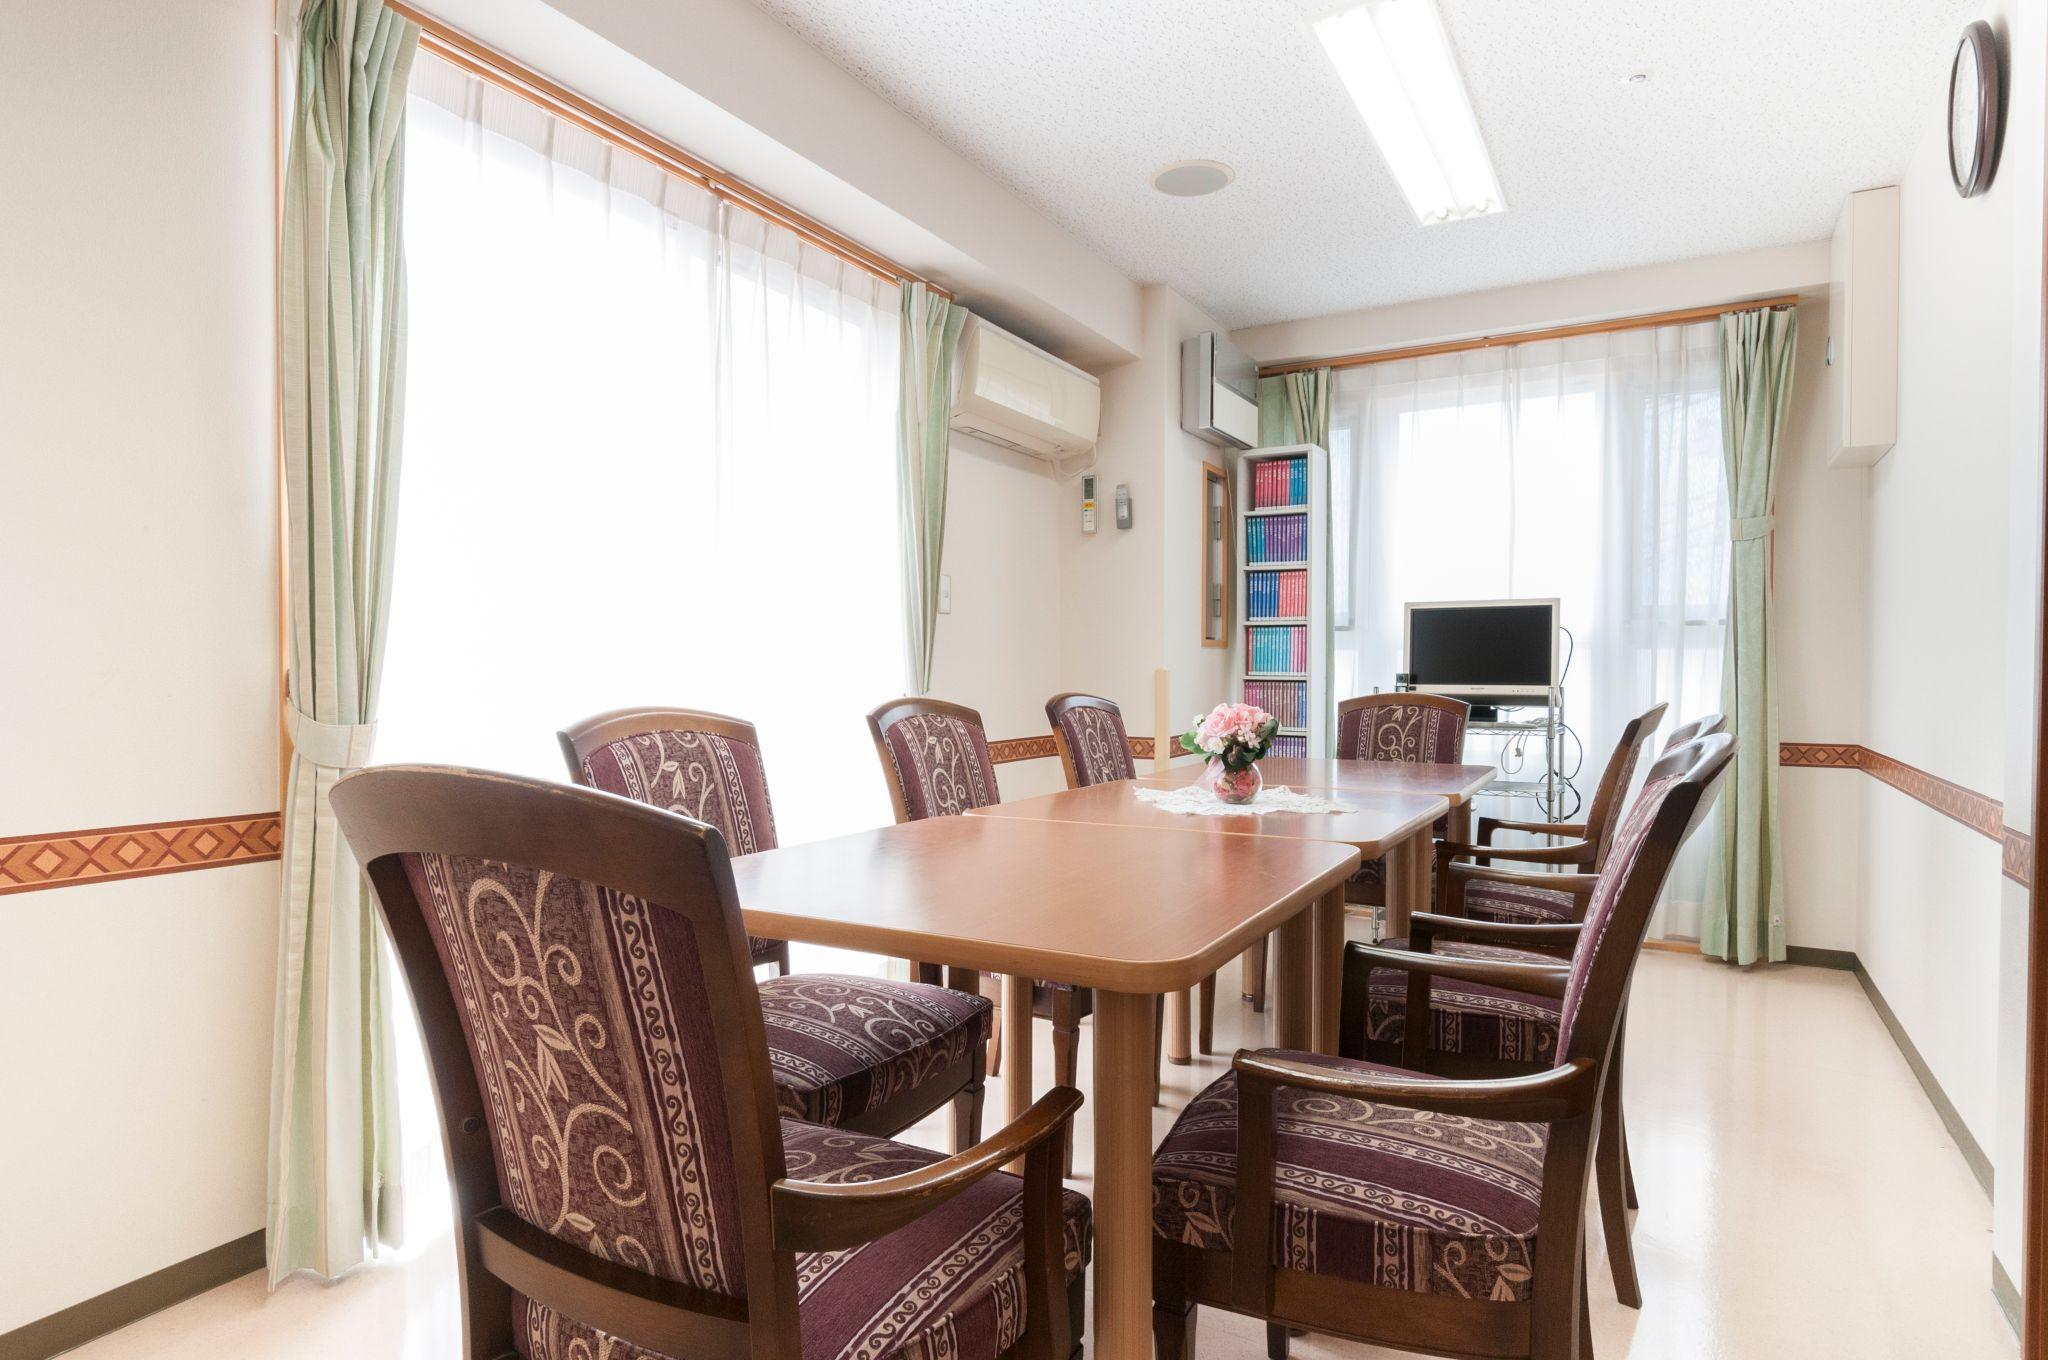 シルバーシティ聖蹟桜ヶ丘の多目的室